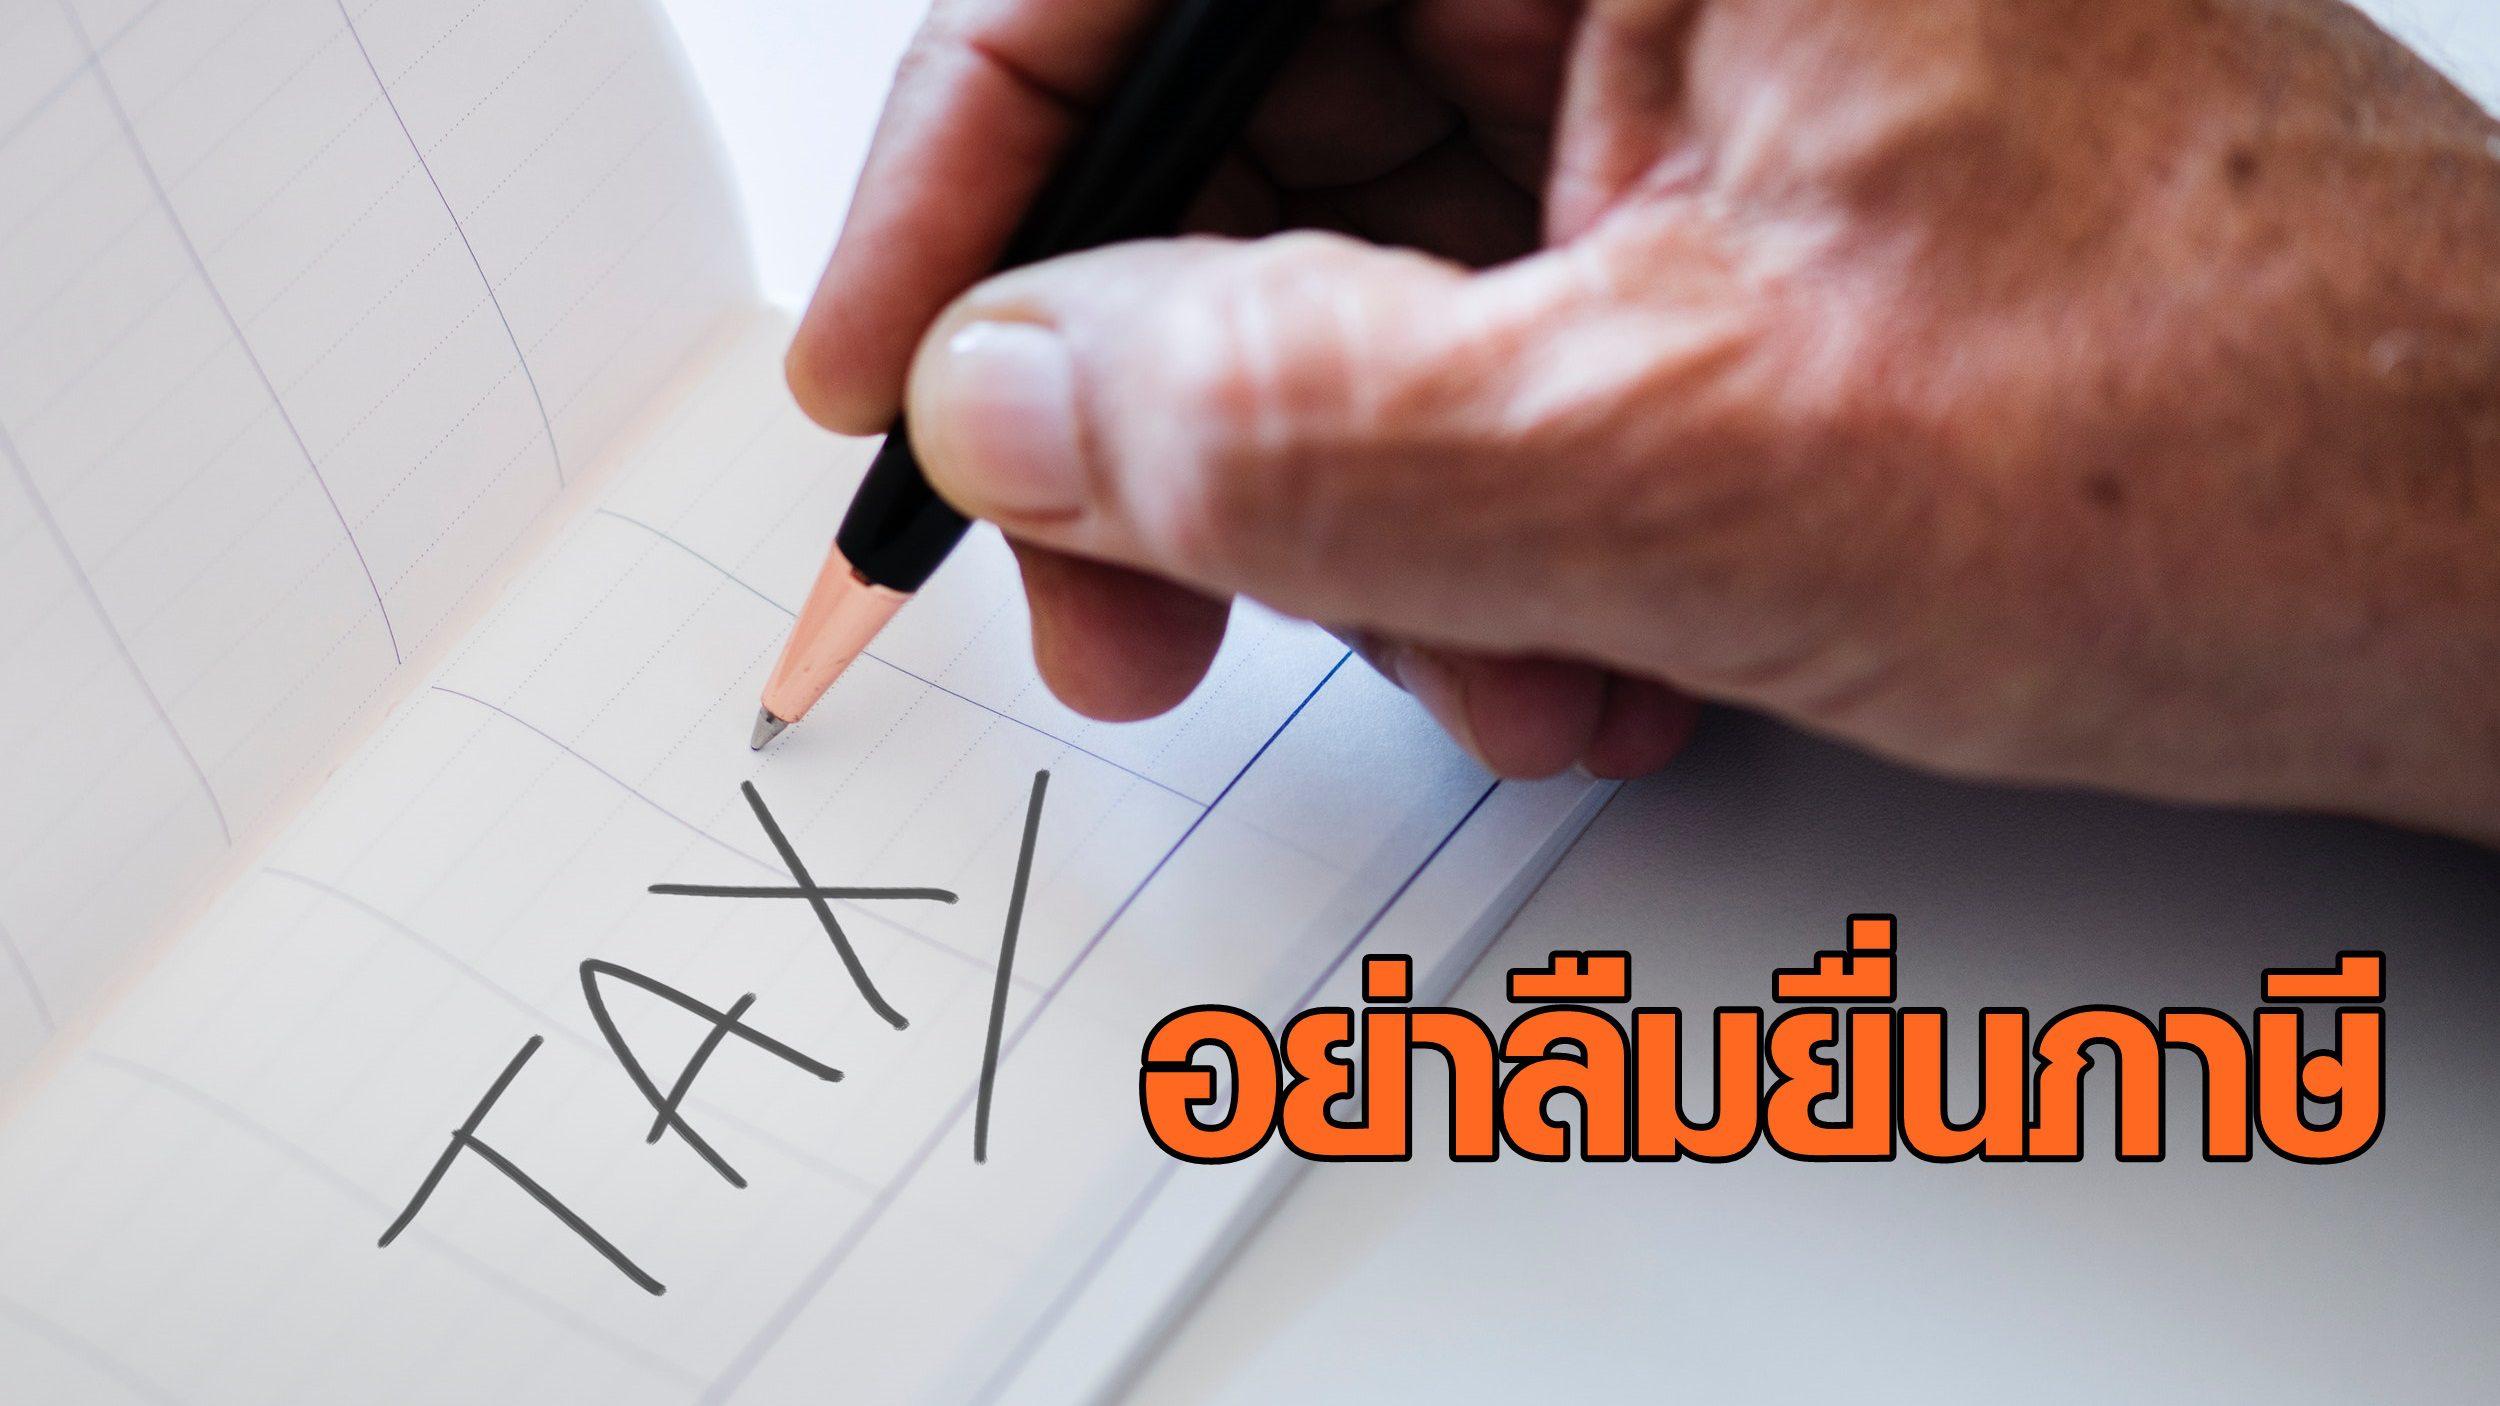 ยื่นภาษีเกินกำหนด มีโทษอย่างไร?